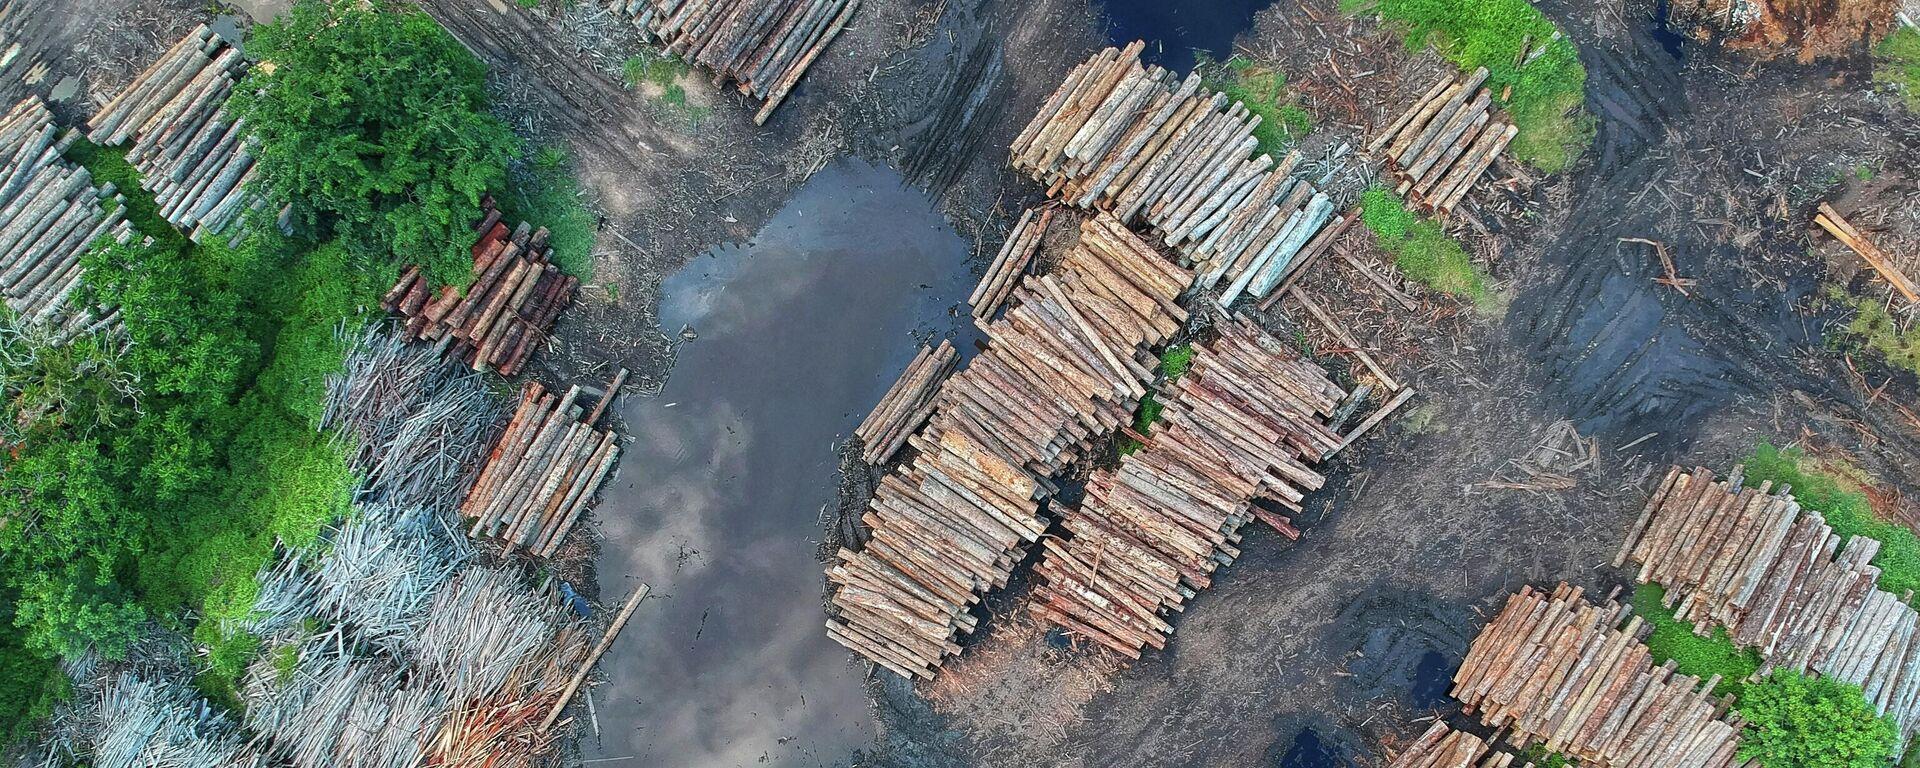 Deforestación, imagen referencial - Sputnik Mundo, 1920, 14.04.2021